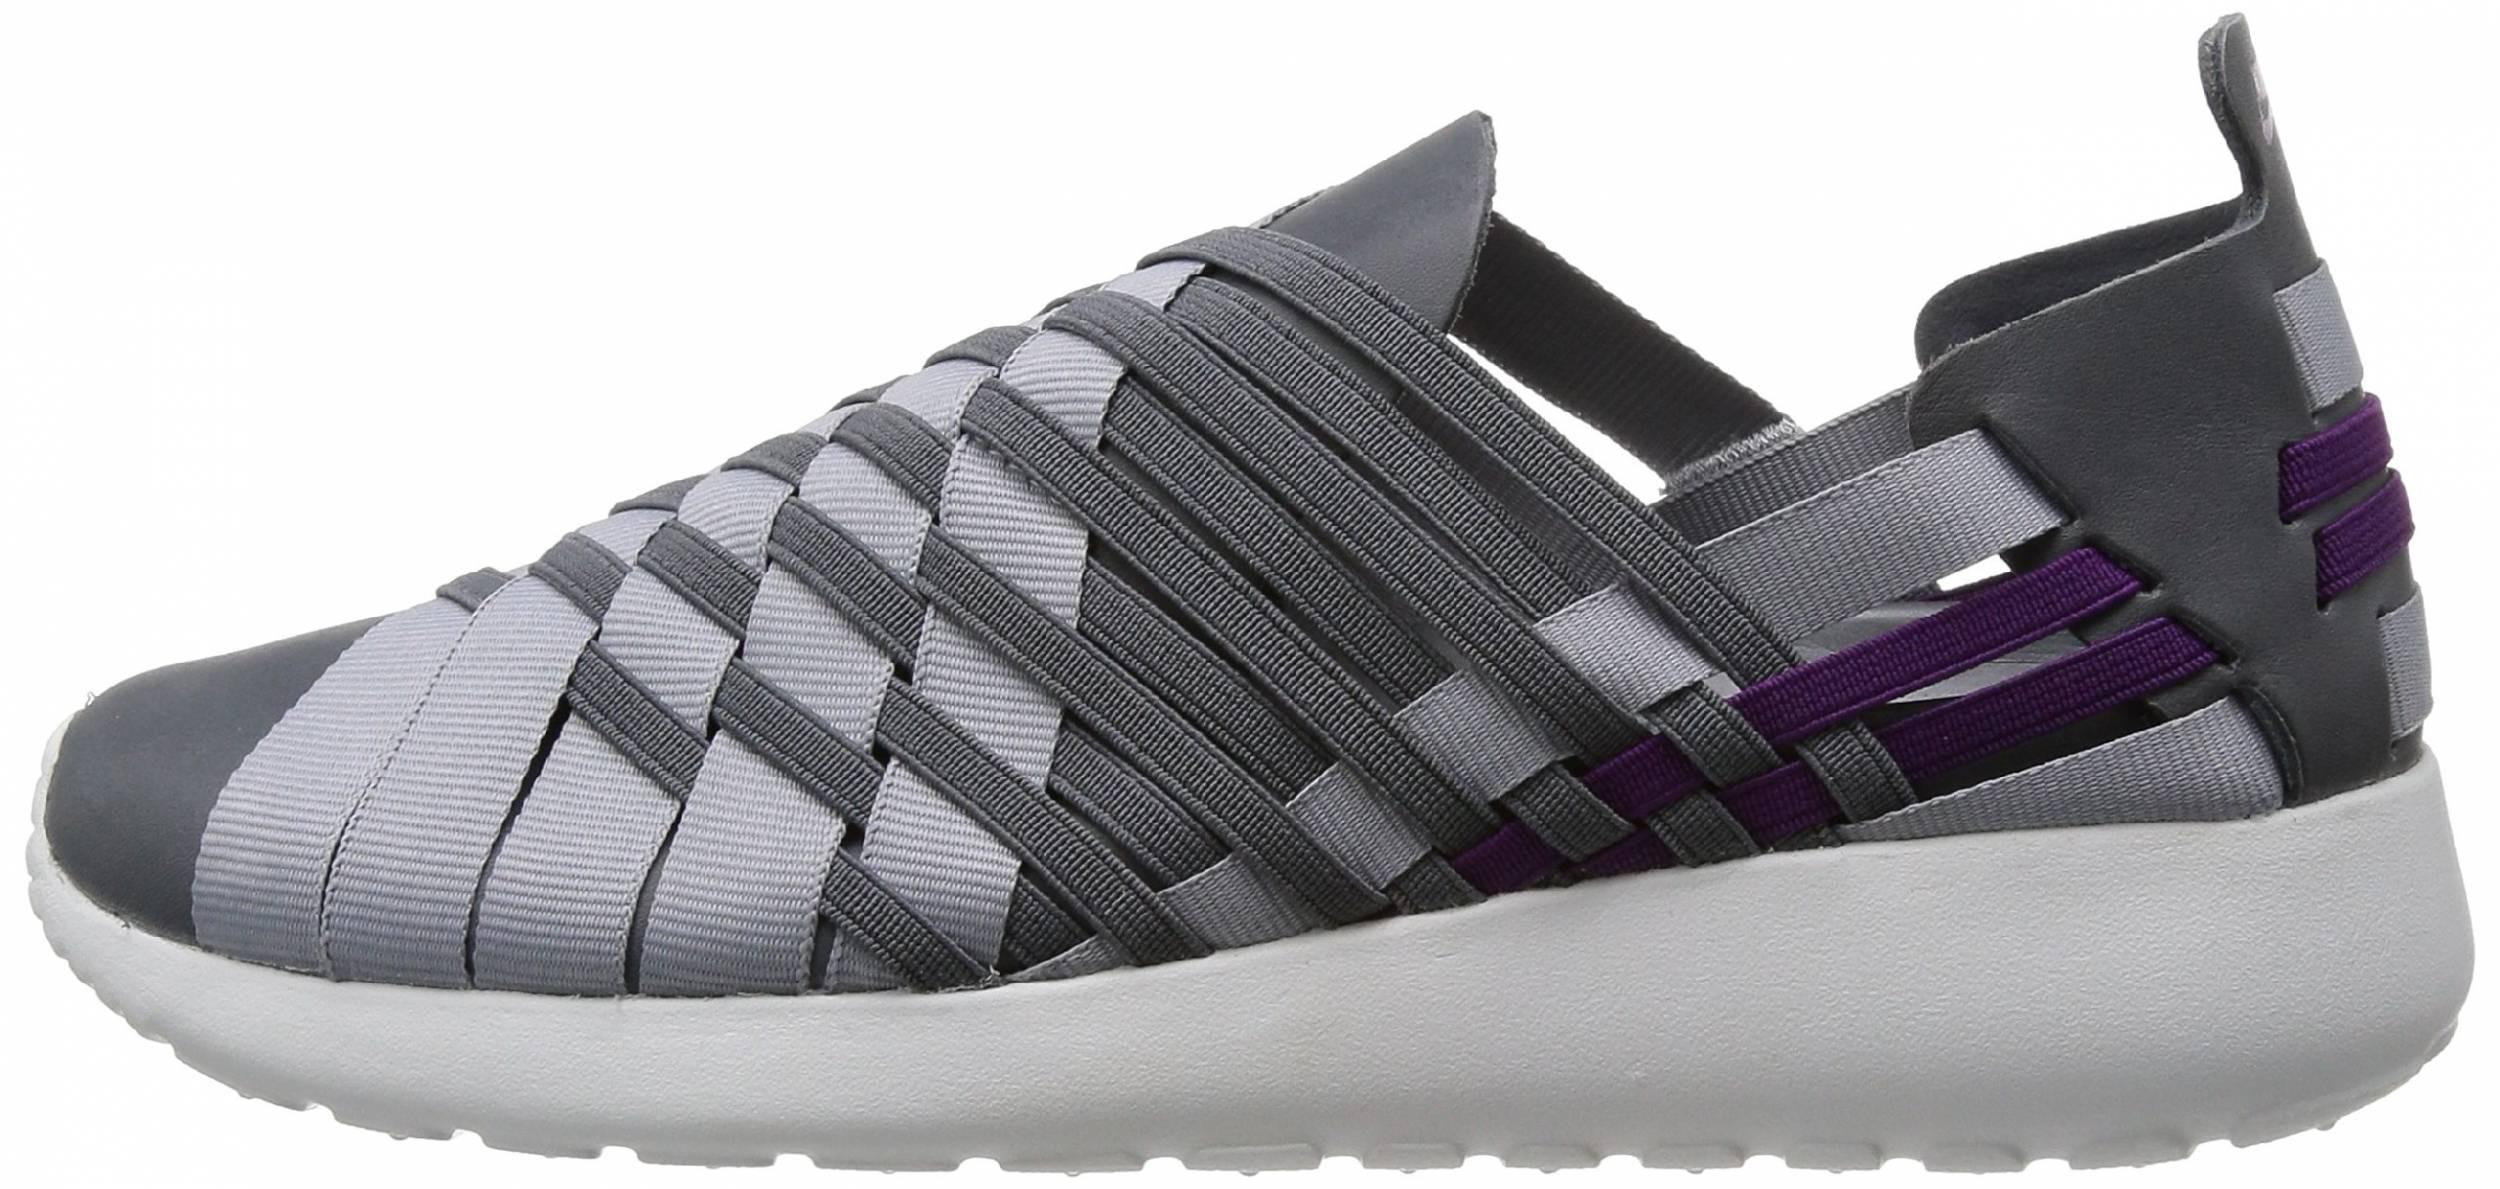 Nike Roshe Run Woven 2.0